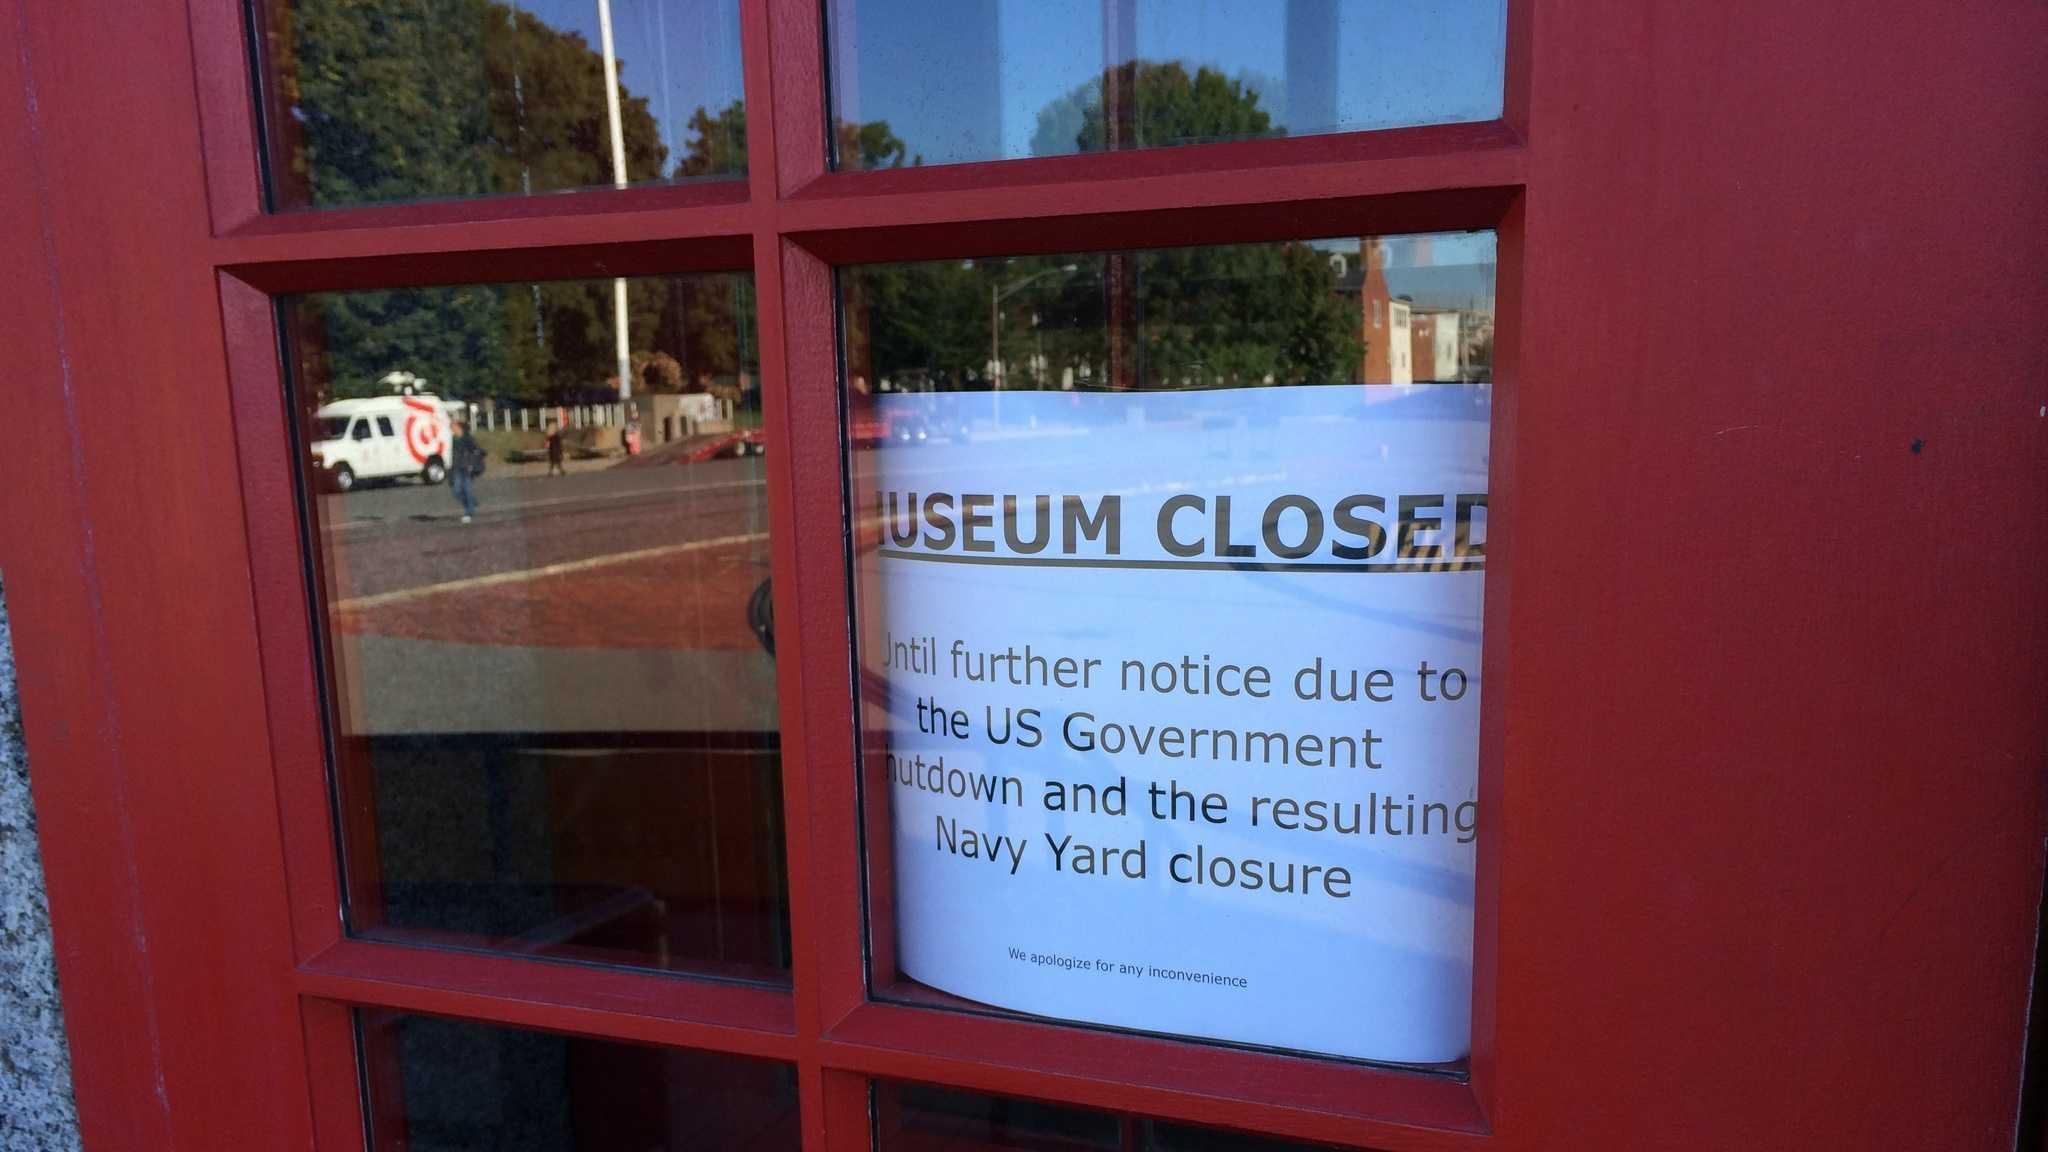 USS Constitution closed sign